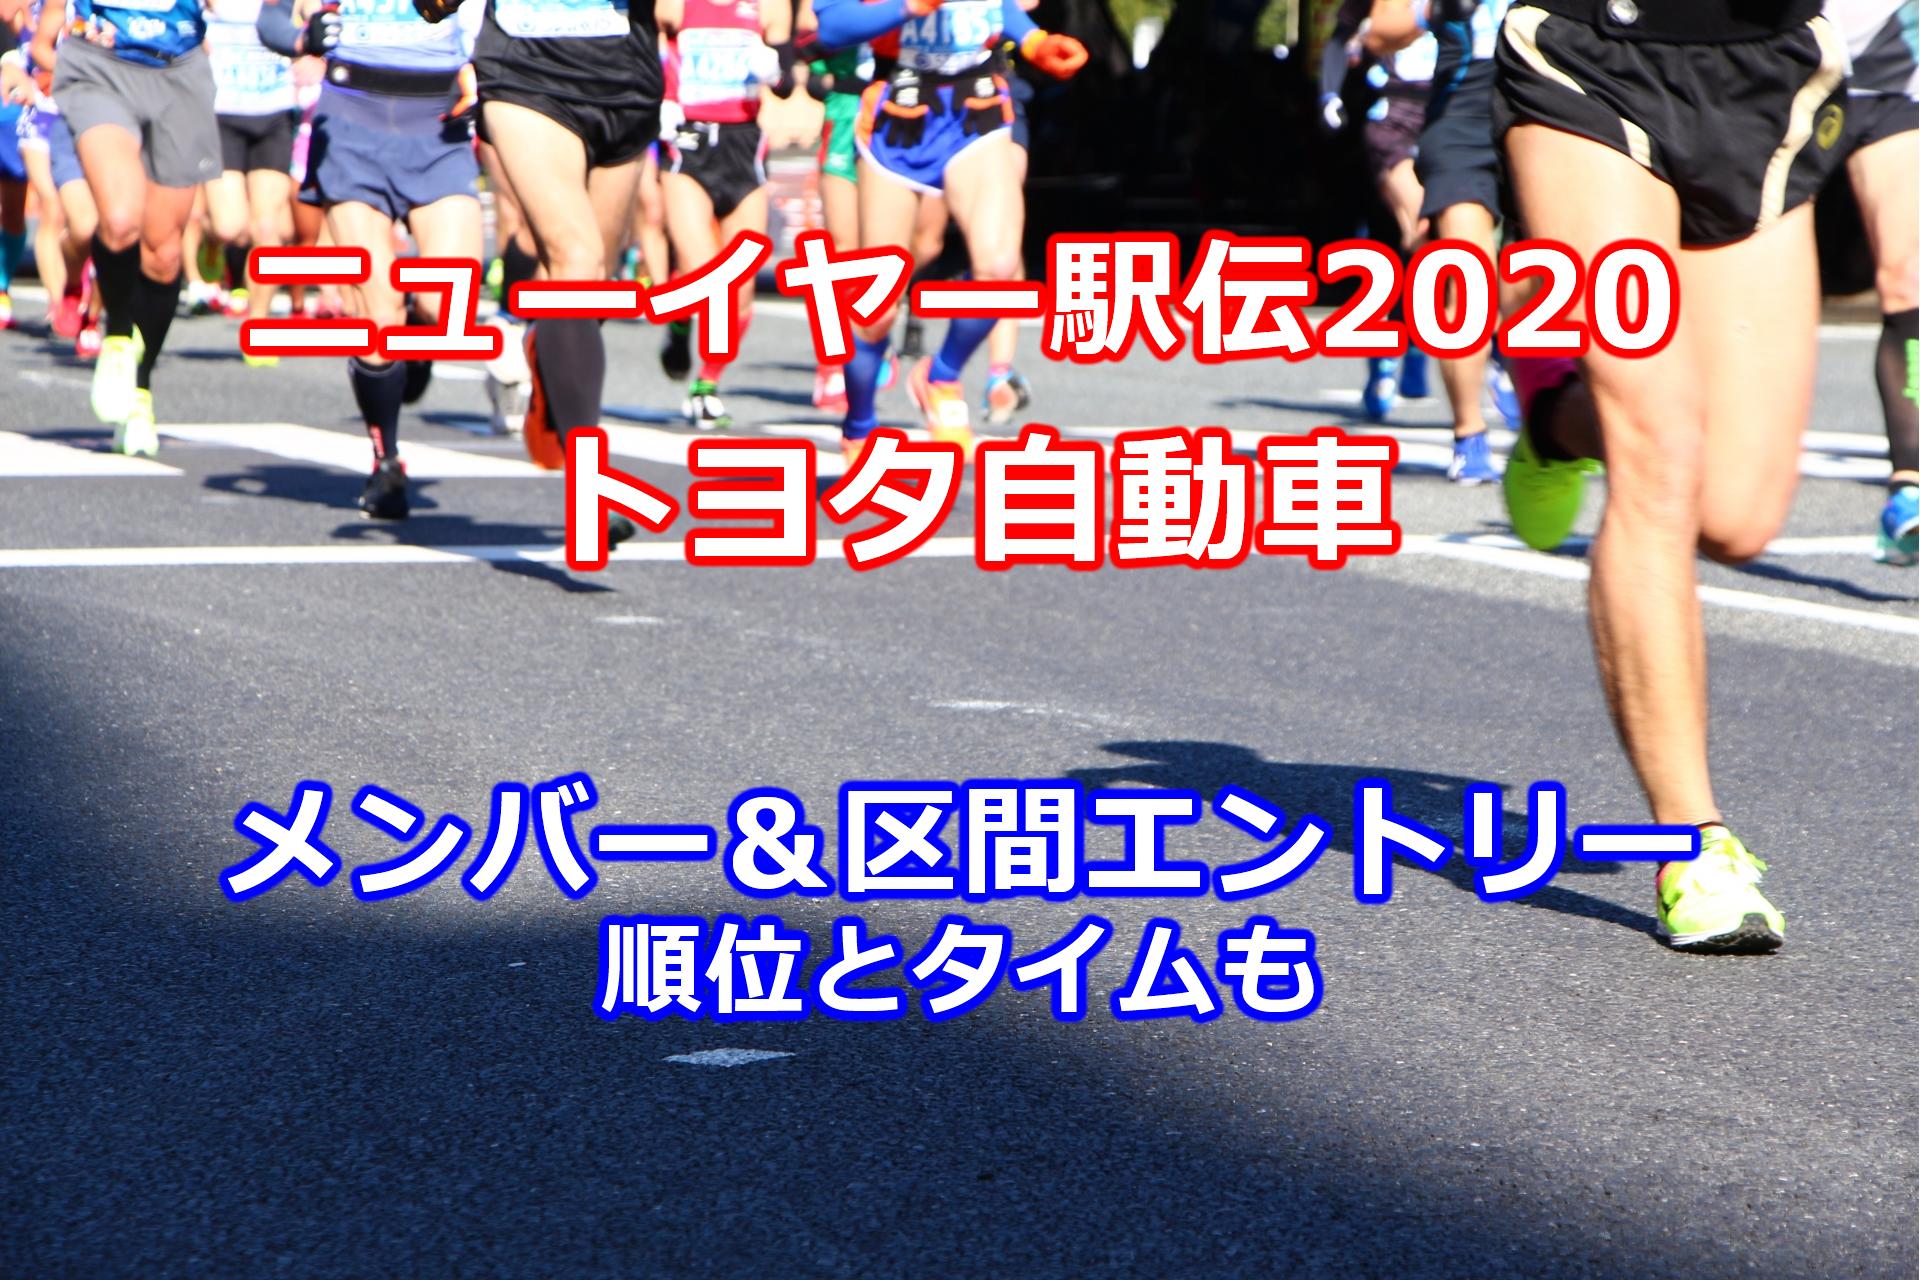 ニューイヤー駅伝2020トヨタ自動車メンバー・区間エントリー・結果・順位・タイムまとめ